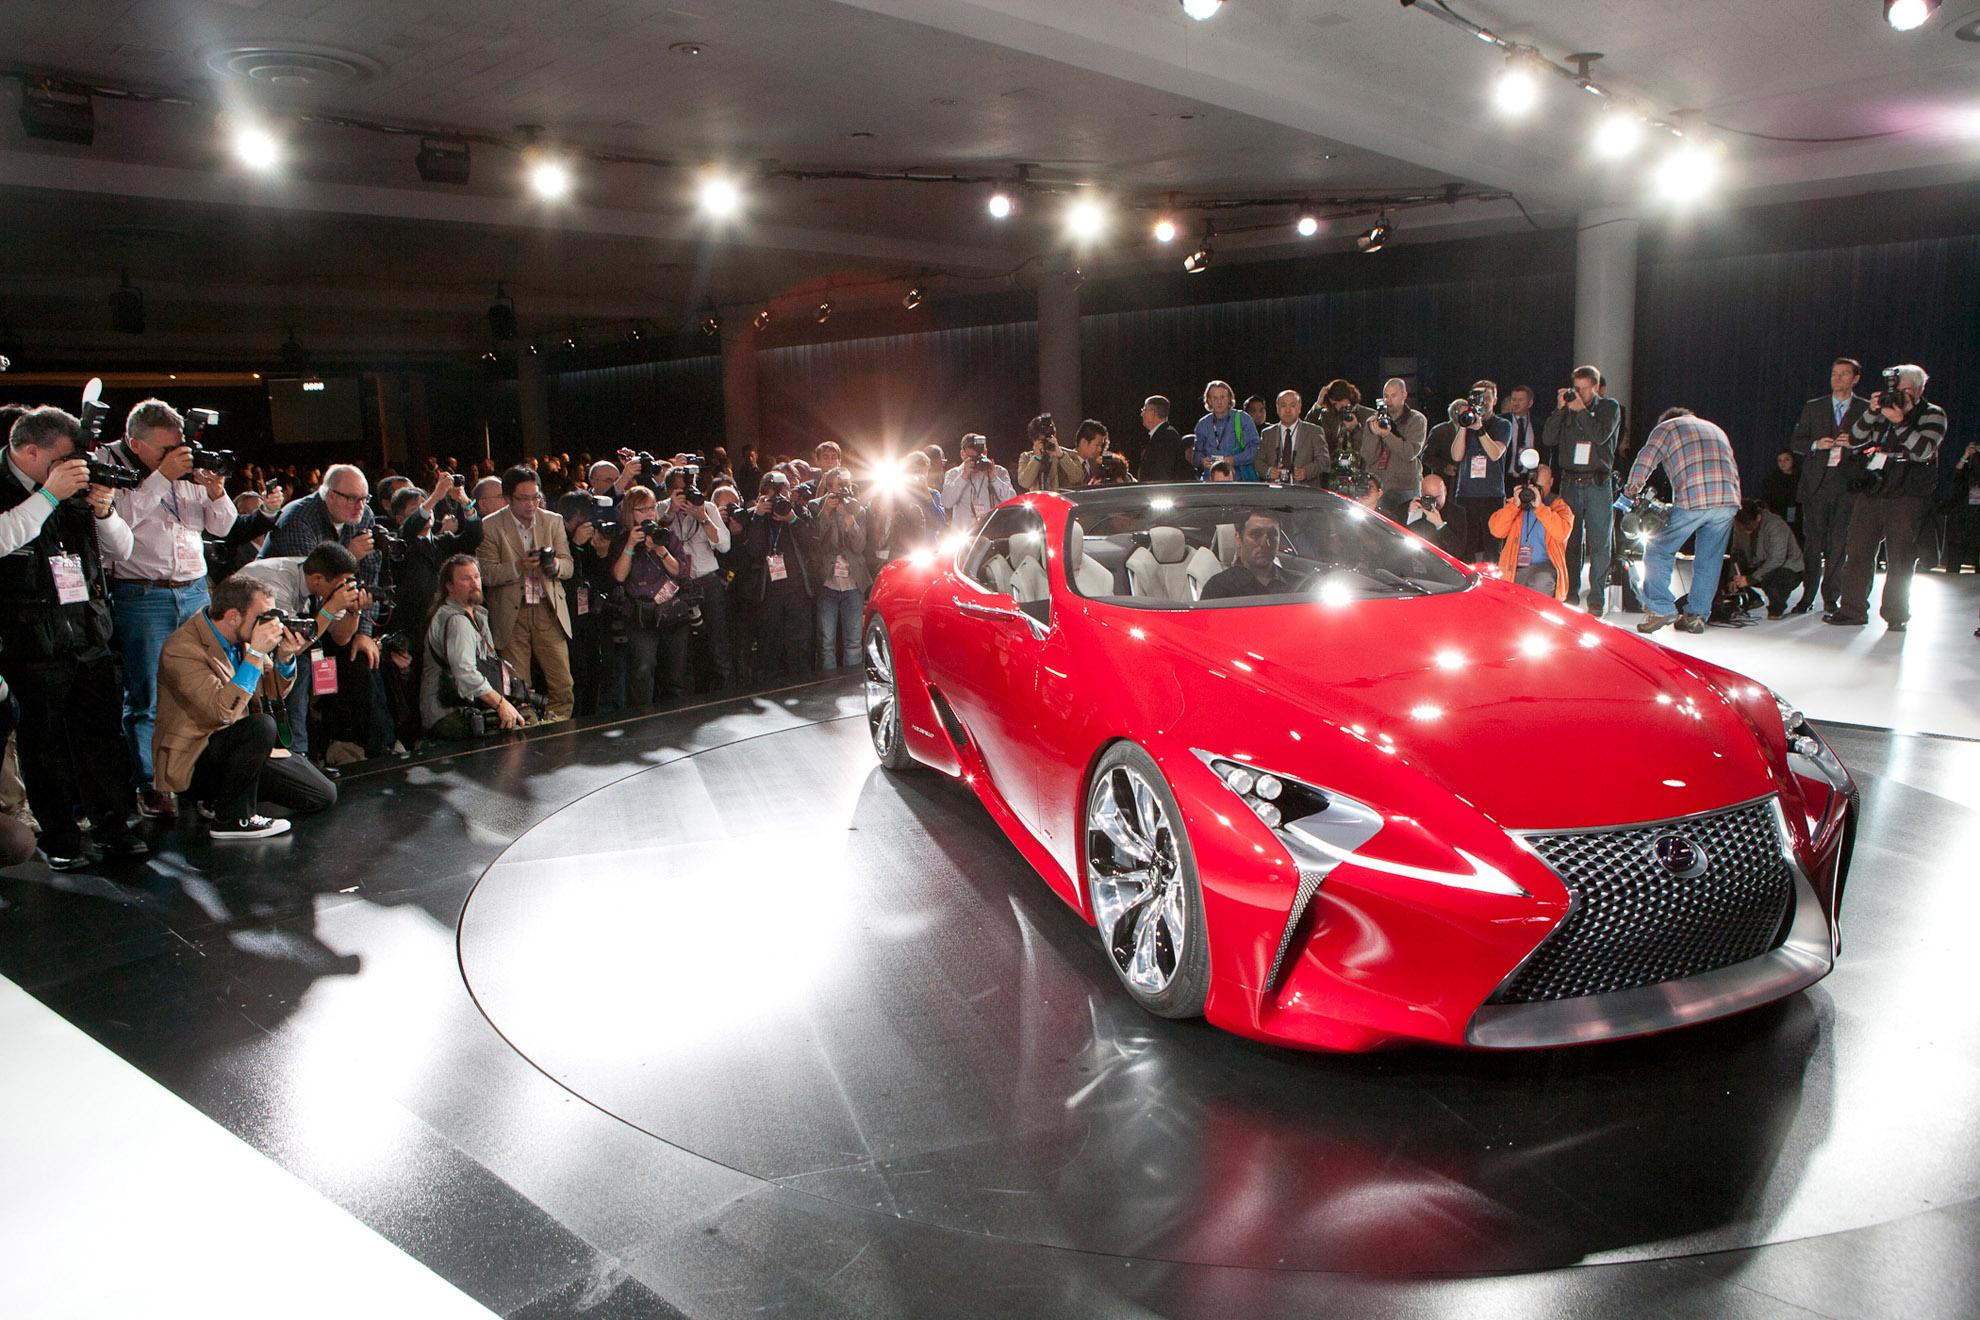 https://www.automobilesreview.com/gallery/lexus-lf-lc-hybrid-concept-detroit-2012/lexus-lf-lc-hybrid-concept-detroit-2012-06.jpg